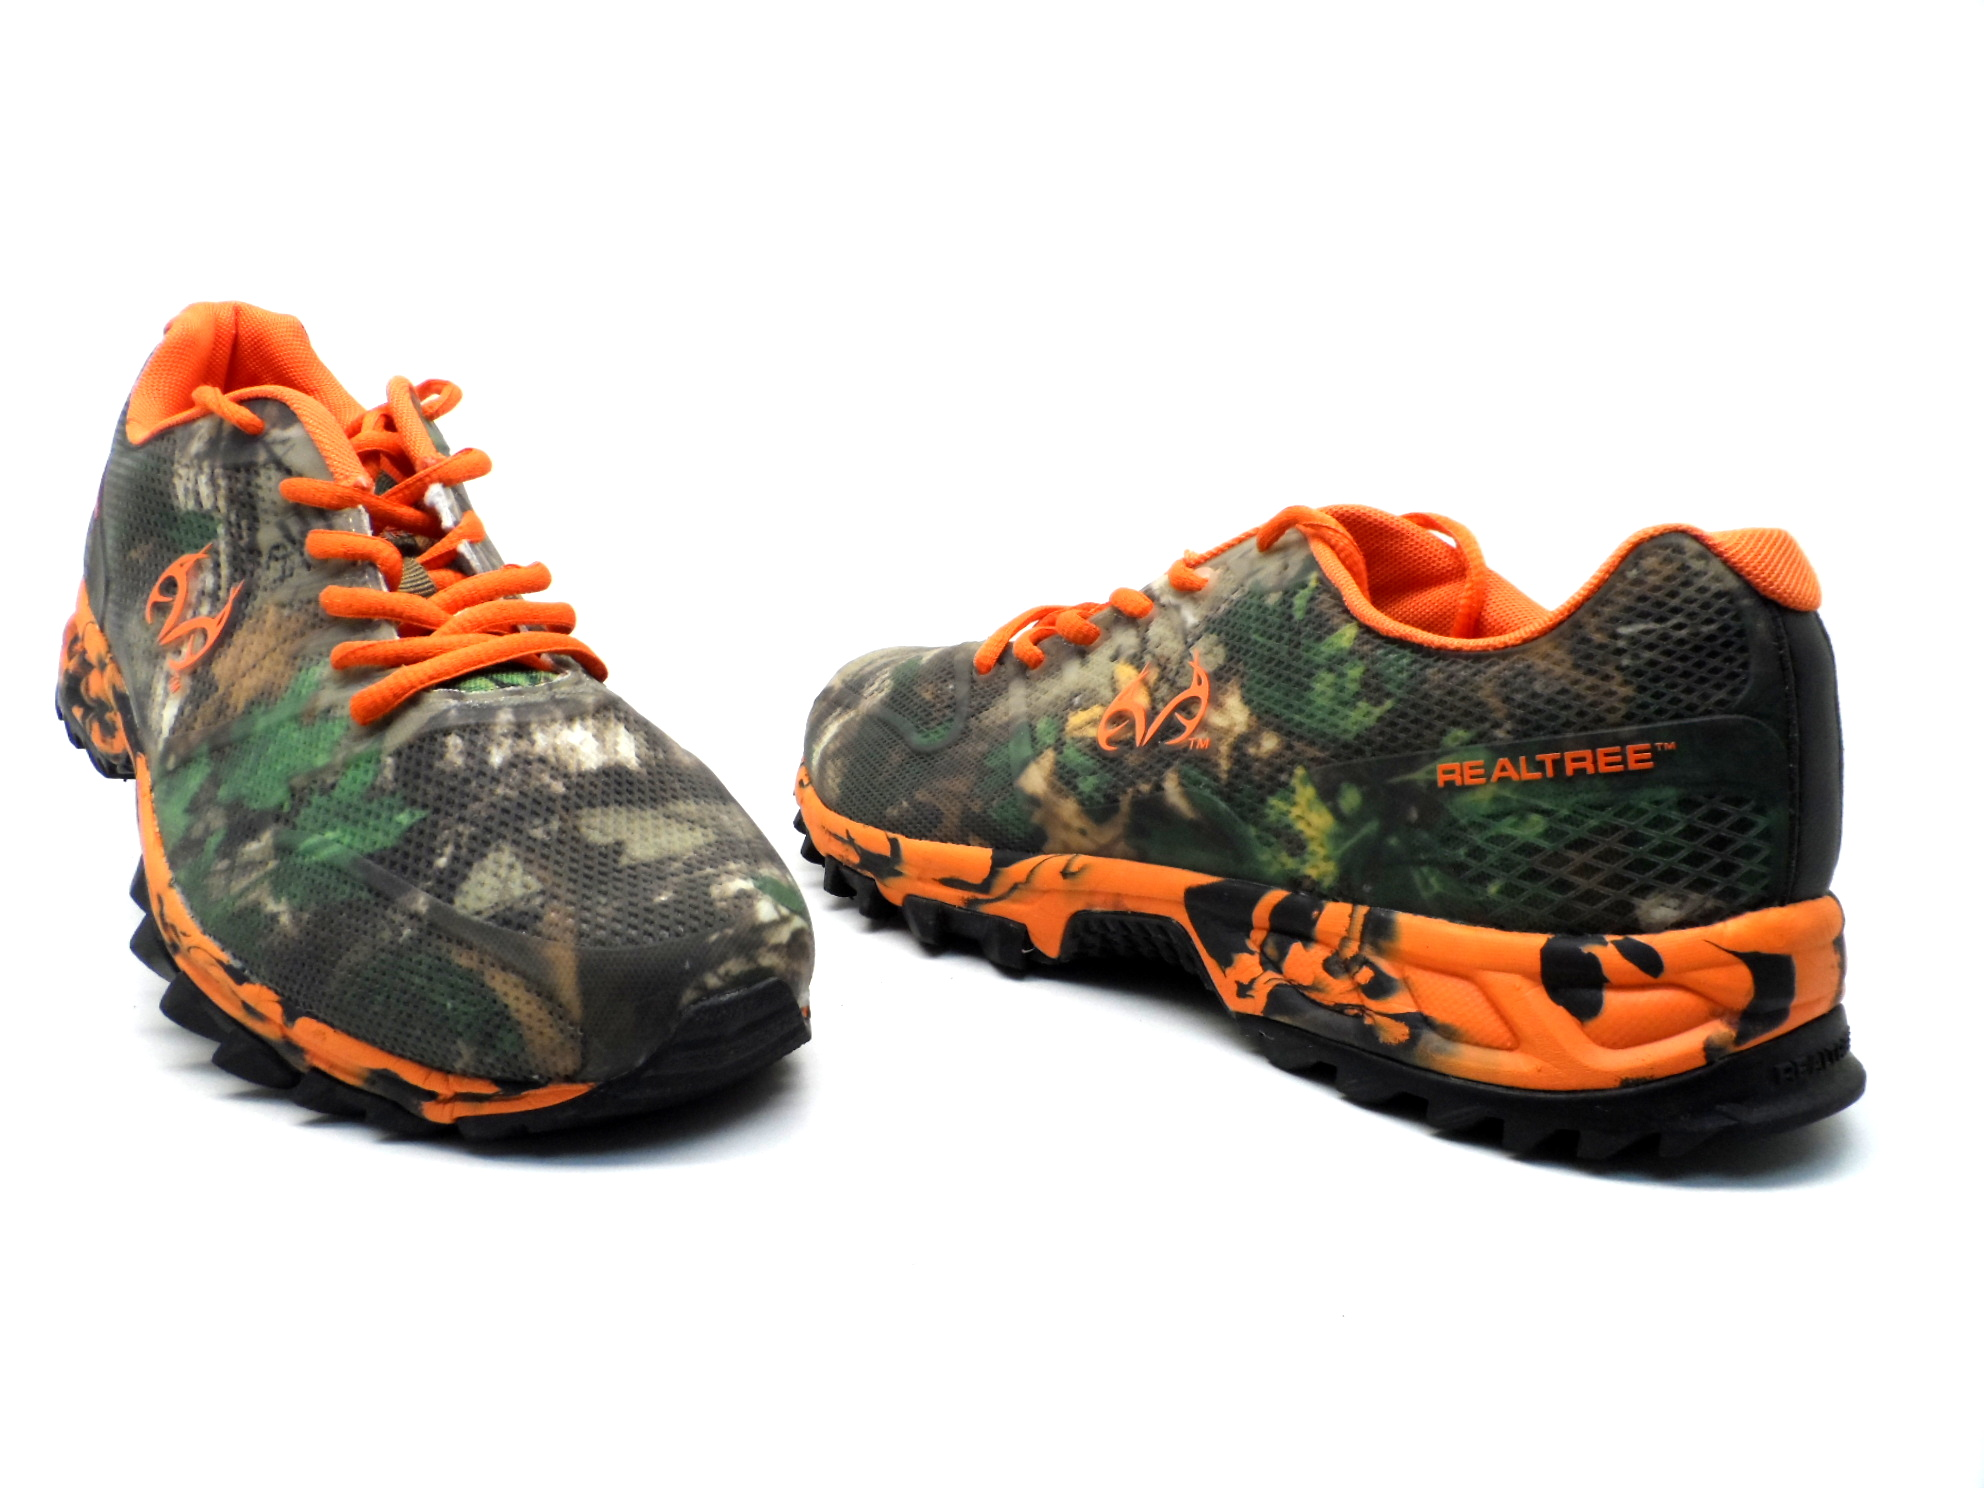 dominion s realtree athletic shoe camo orange size